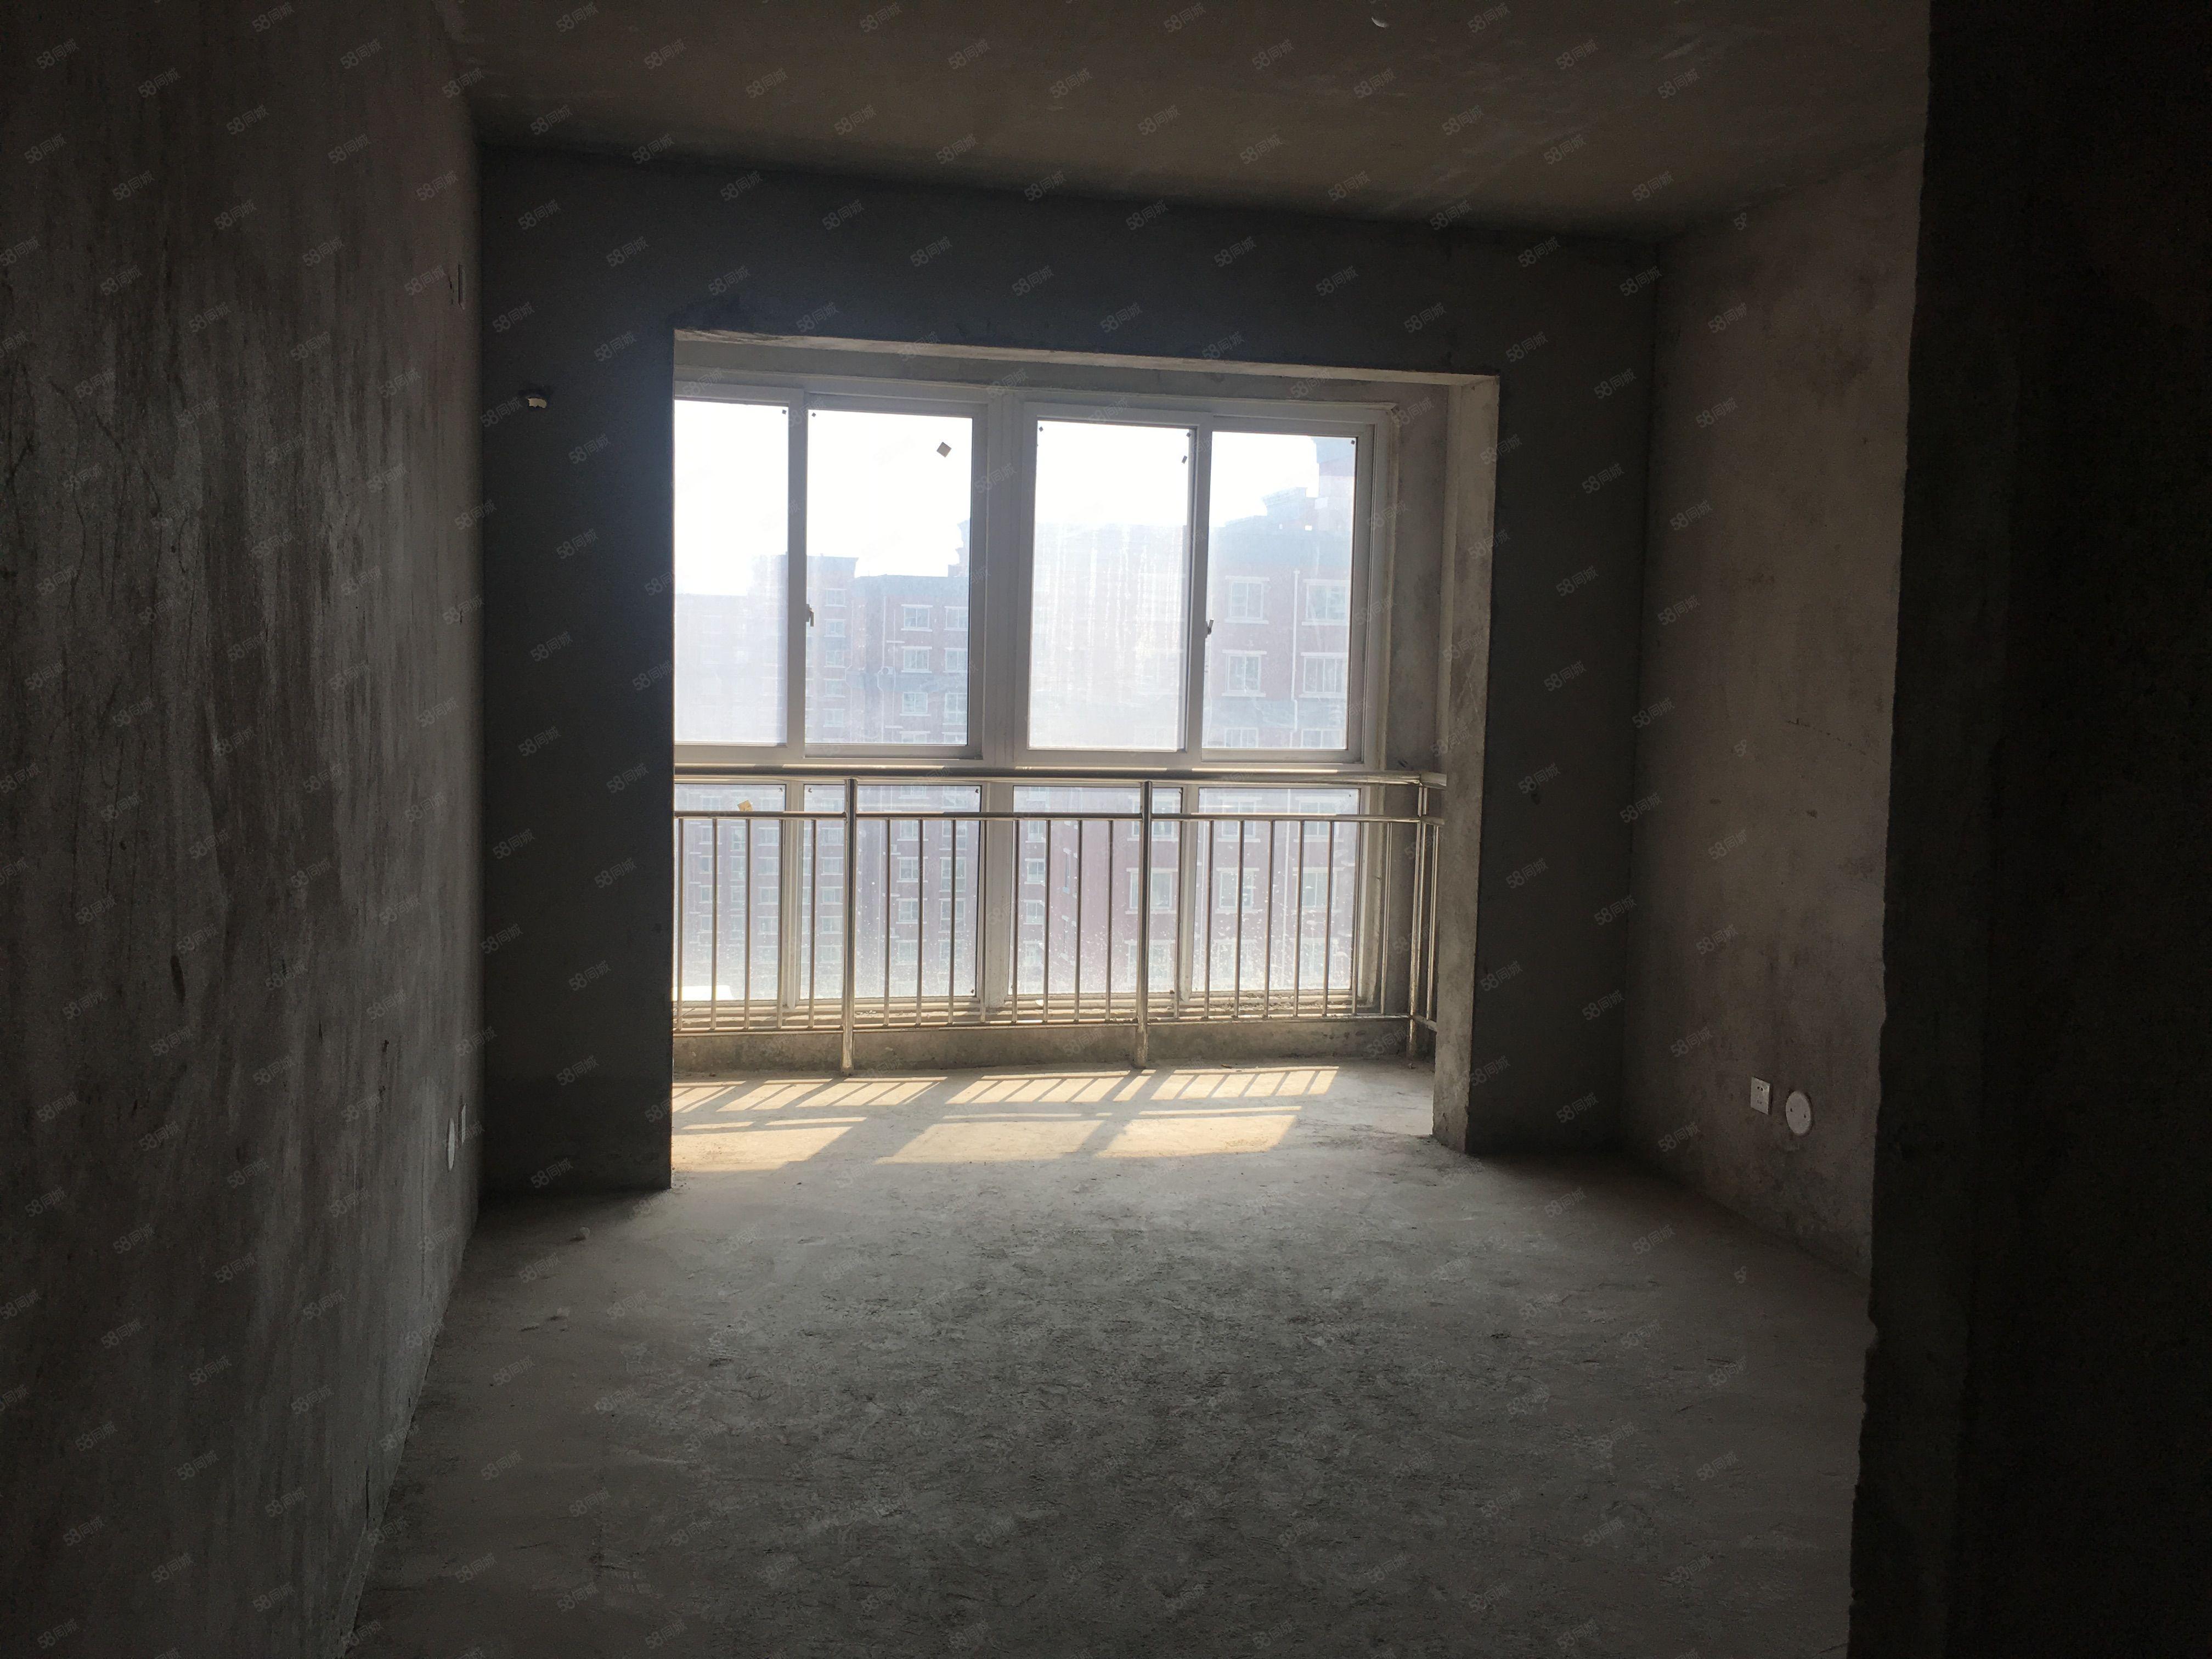 东方新城16楼毛坯三室有证可按揭含车位出售